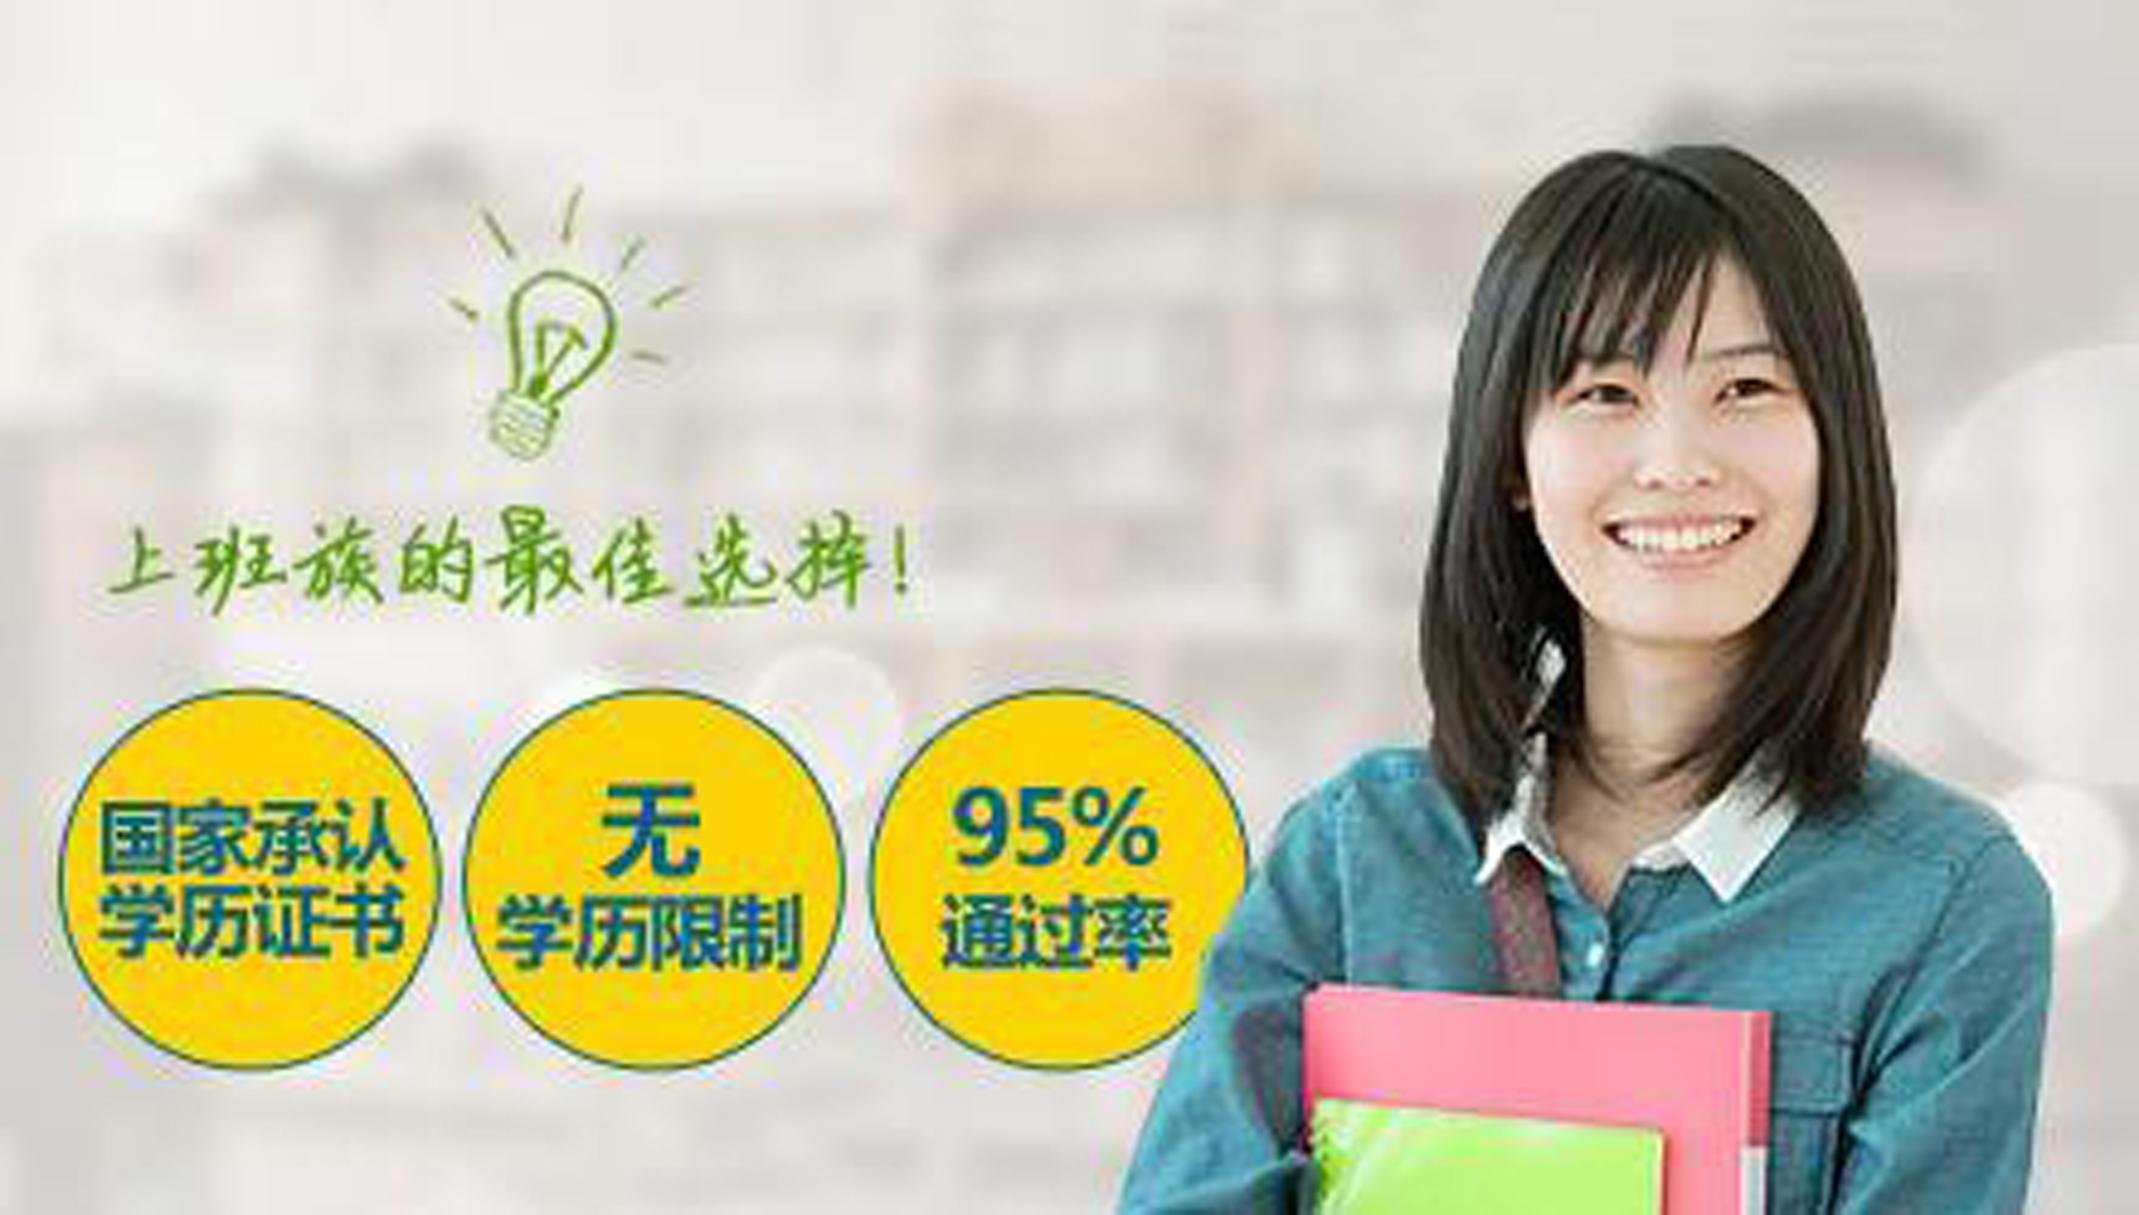 天津成人高考学历提升